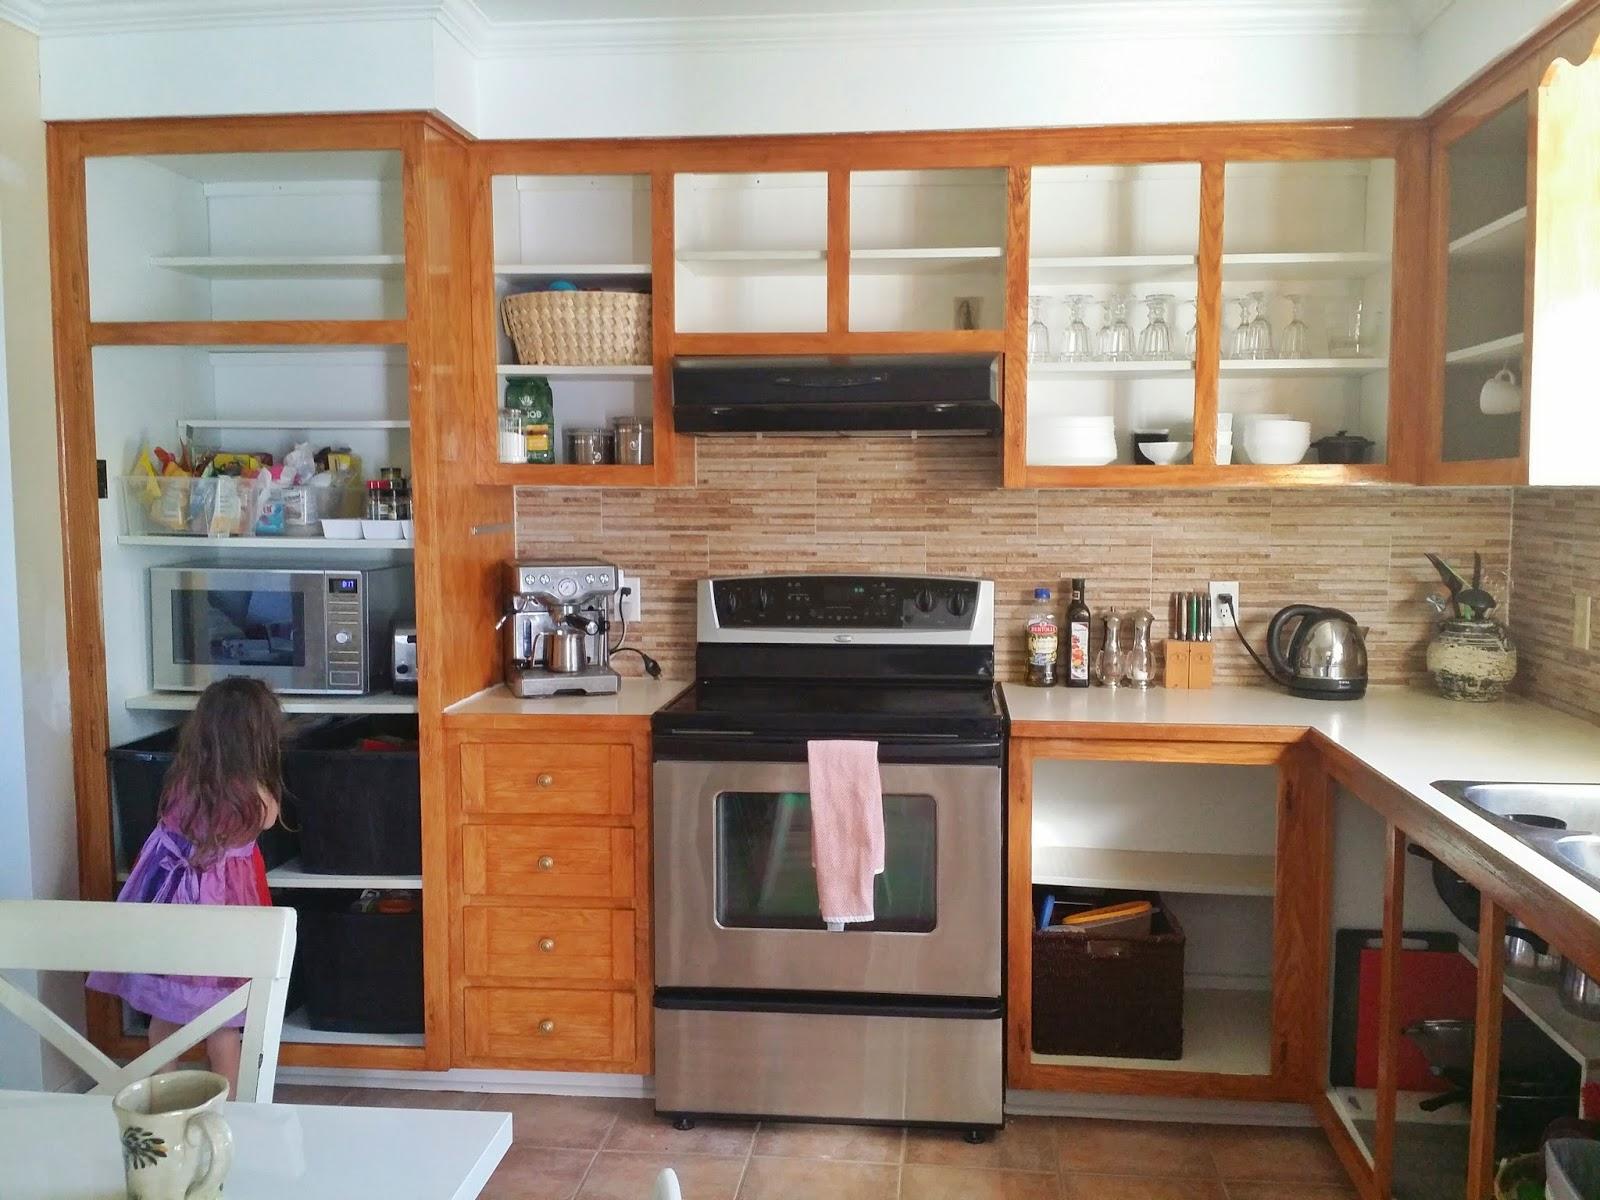 Kitchen Progress: Demolition + Organization / Design Tendencies